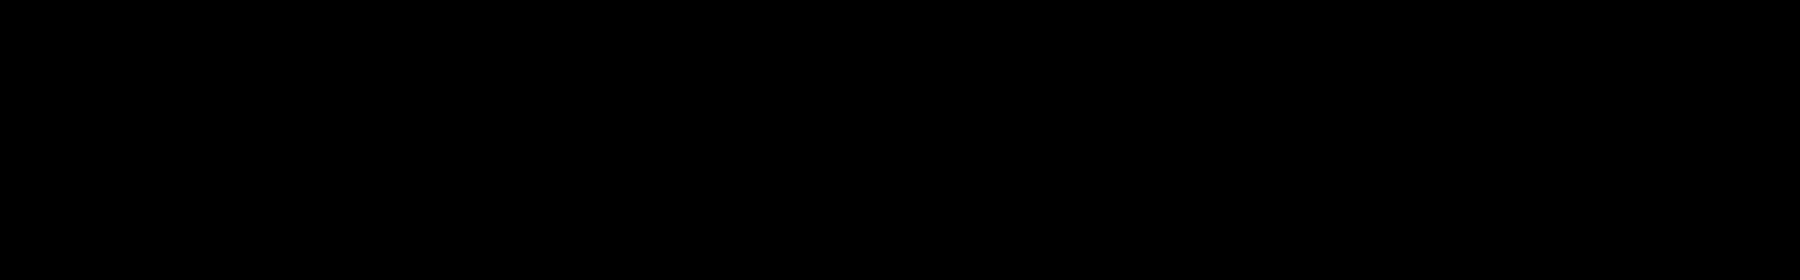 Bent FX audio waveform